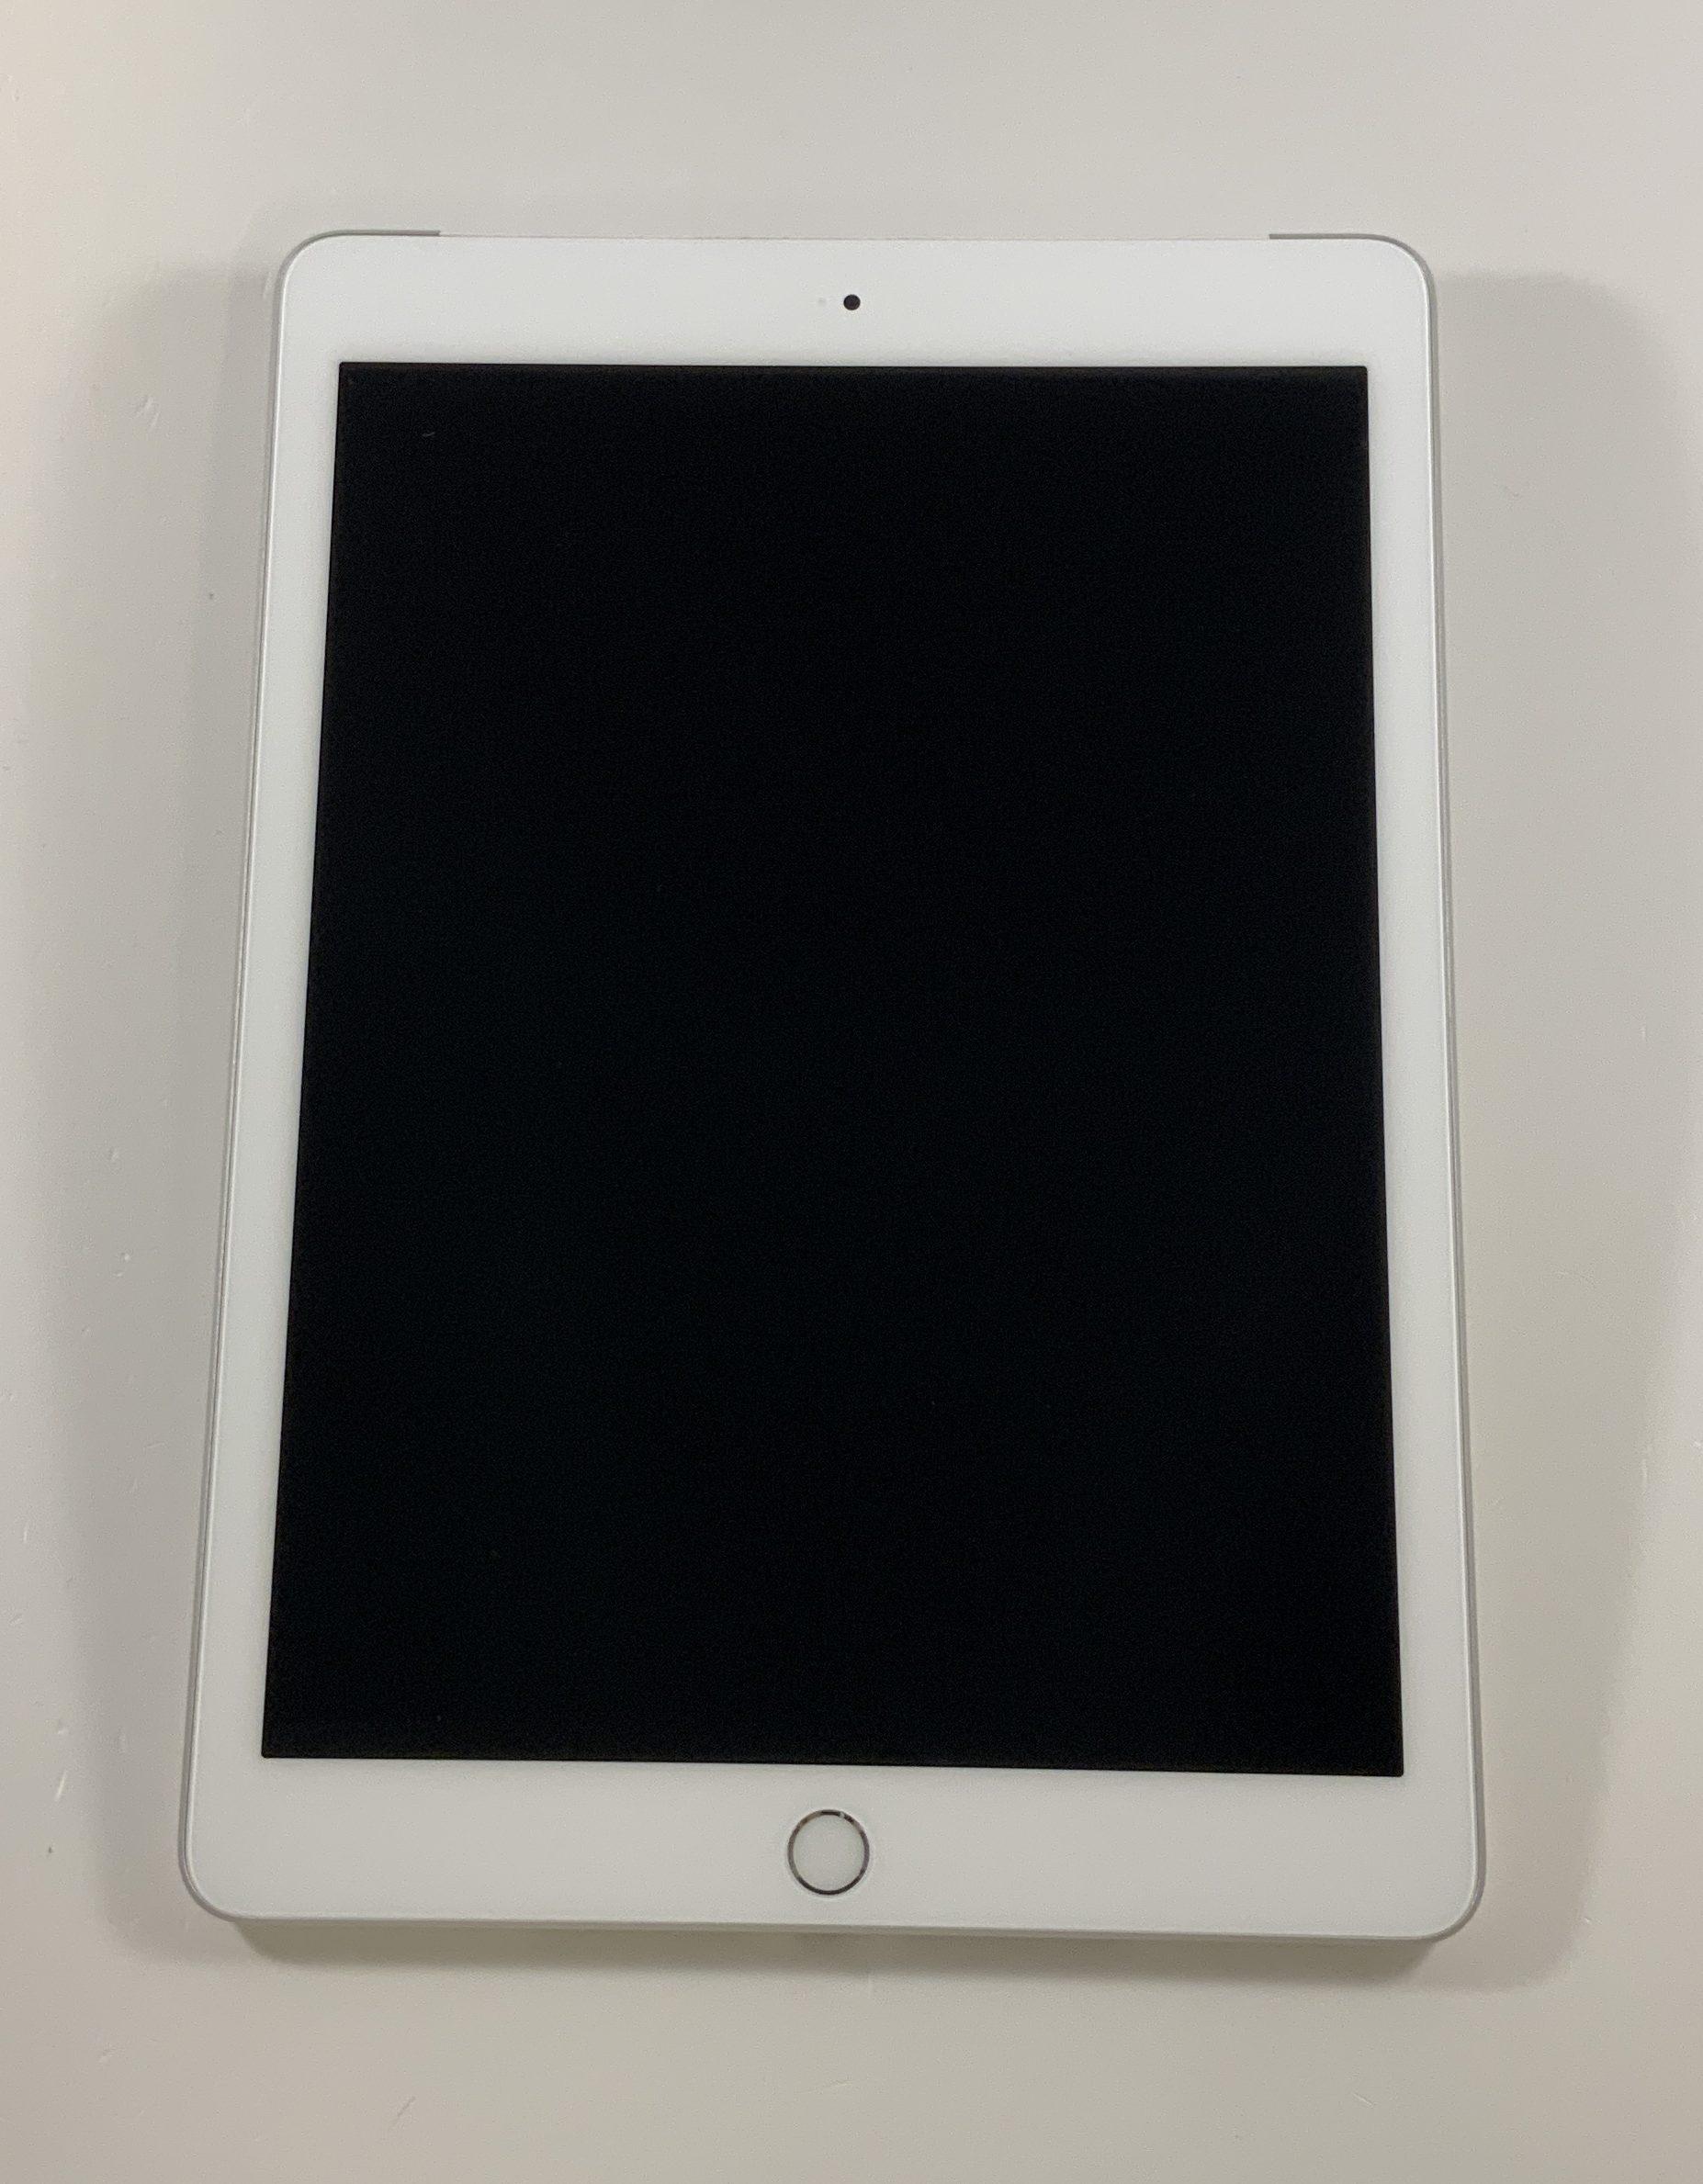 iPad 5 Wi-Fi + Cellular 128GB, 128GB, Silver, image 1